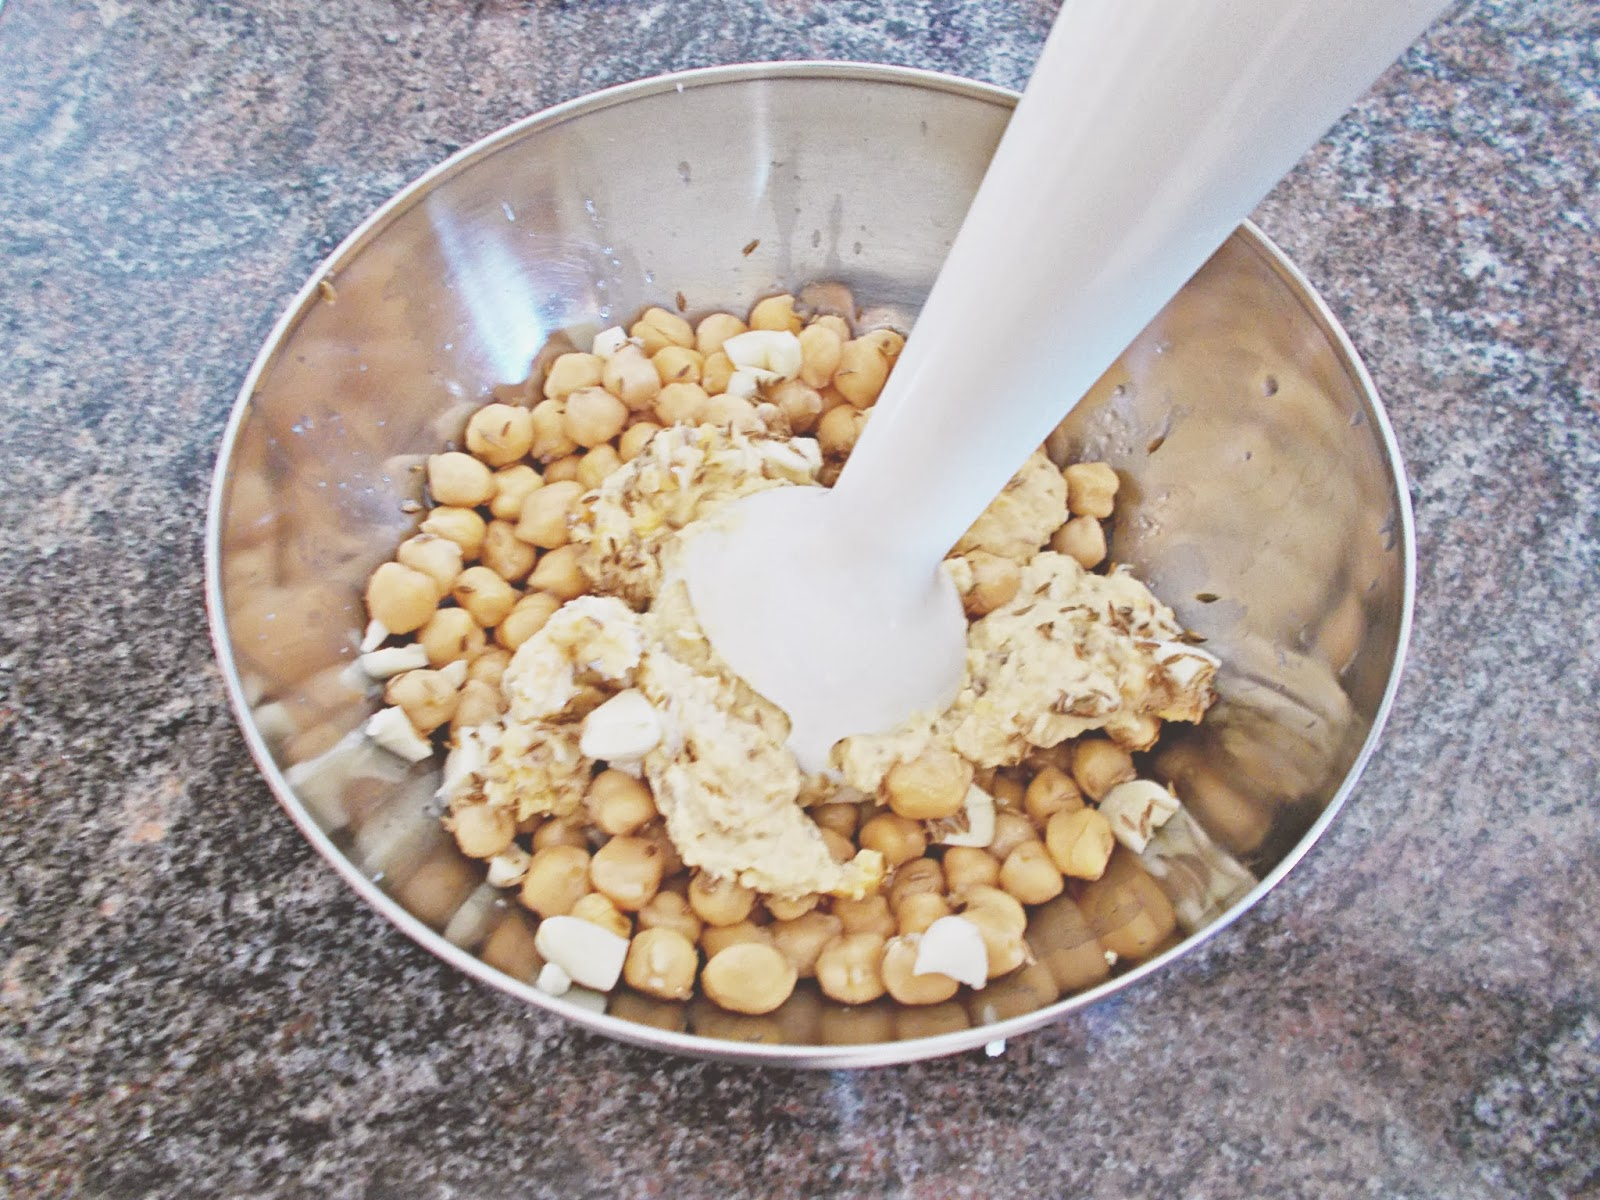 Receta-cocina-hummus-garbanzos 3